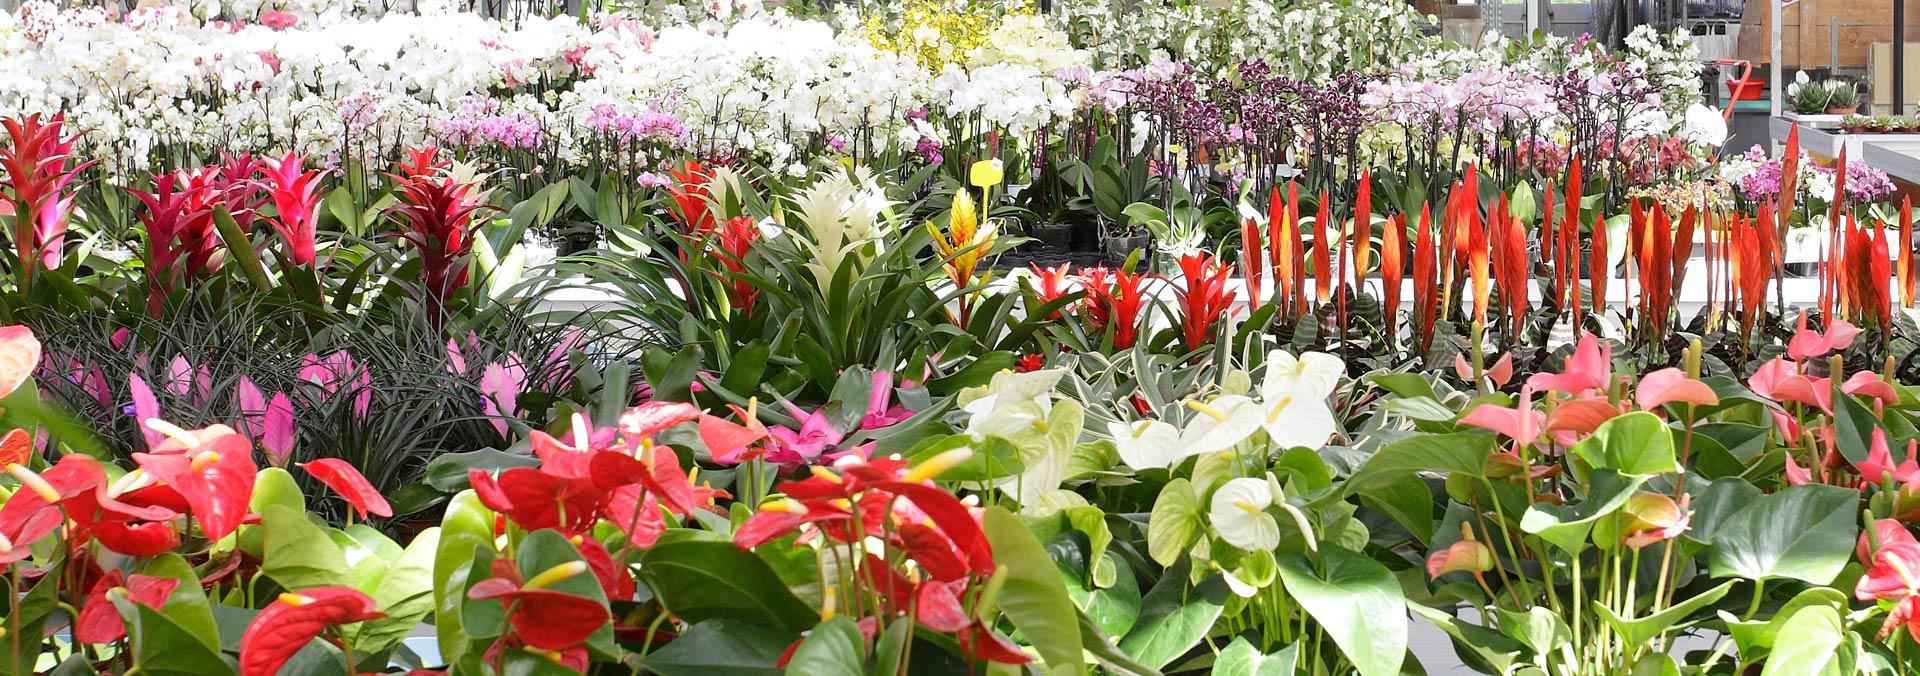 Ingrosso di fiori e piante ornamentali